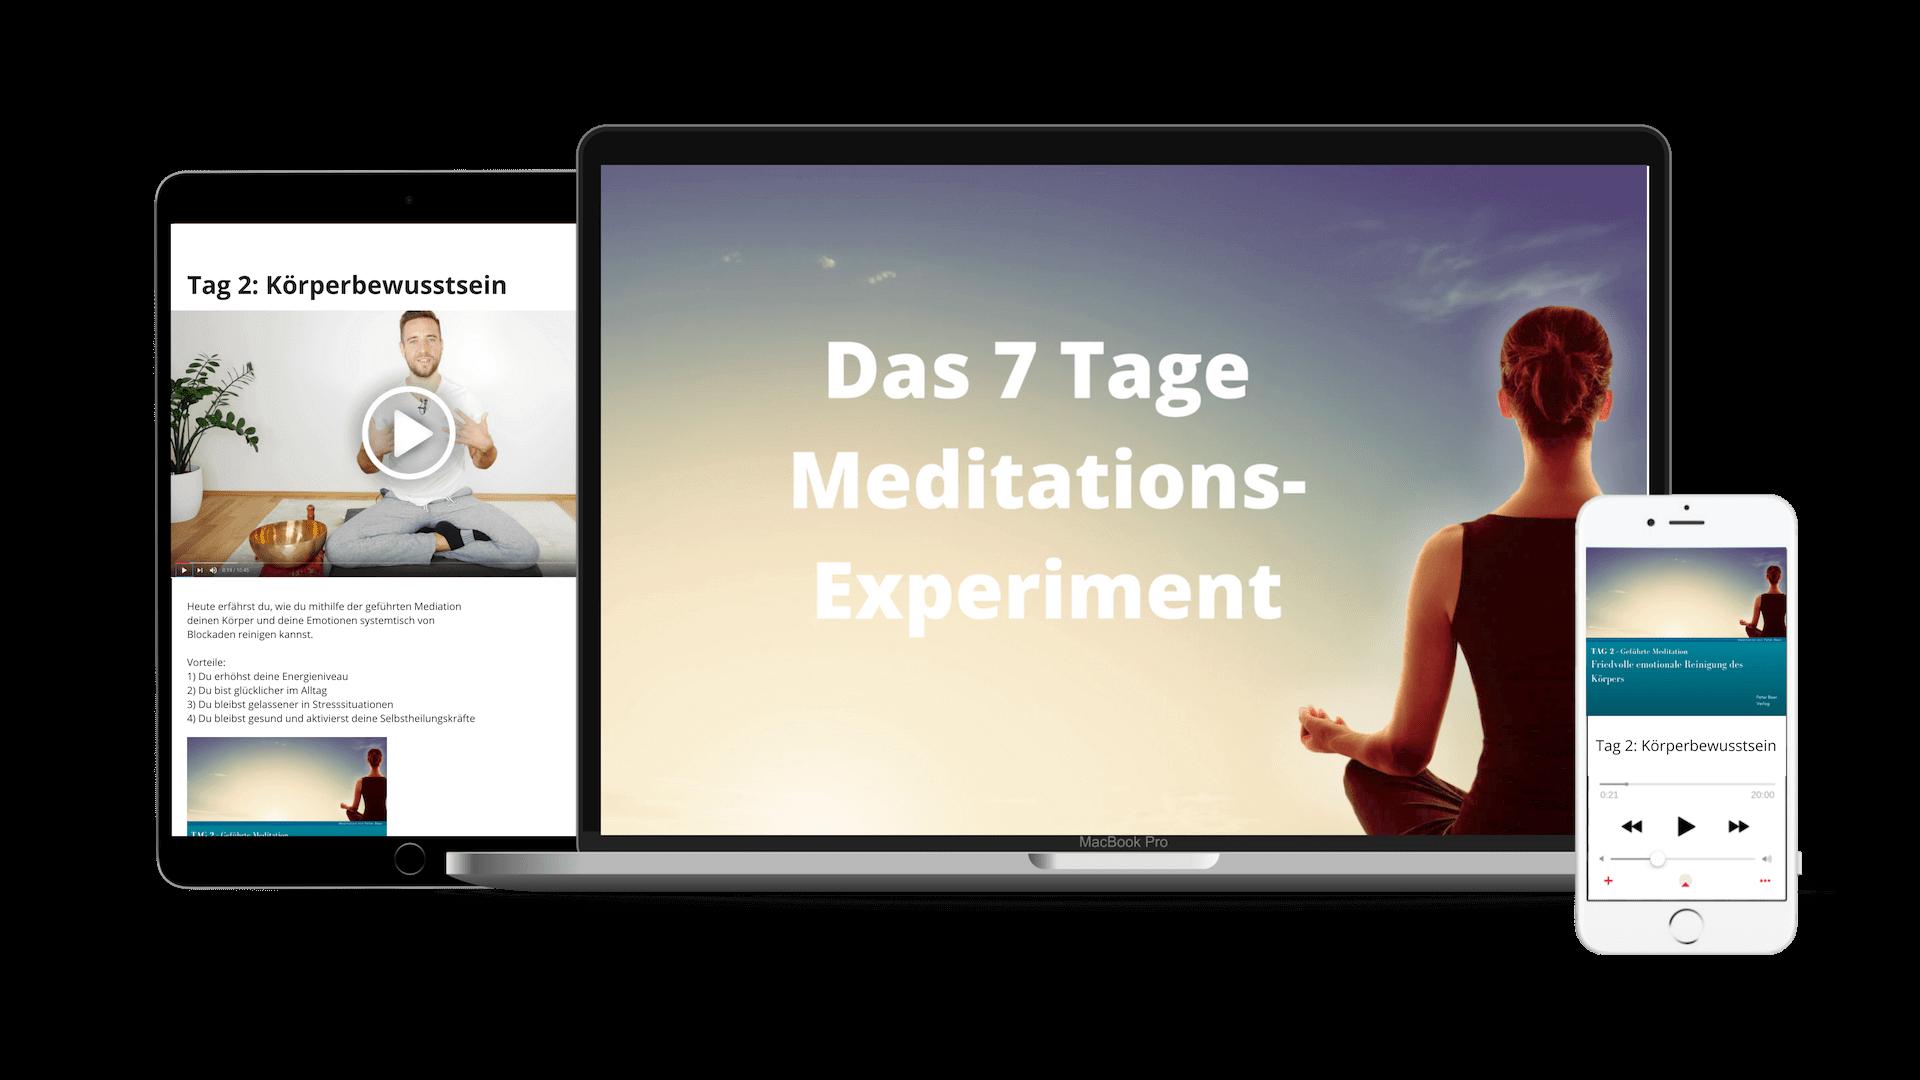 Meditations-Experiment